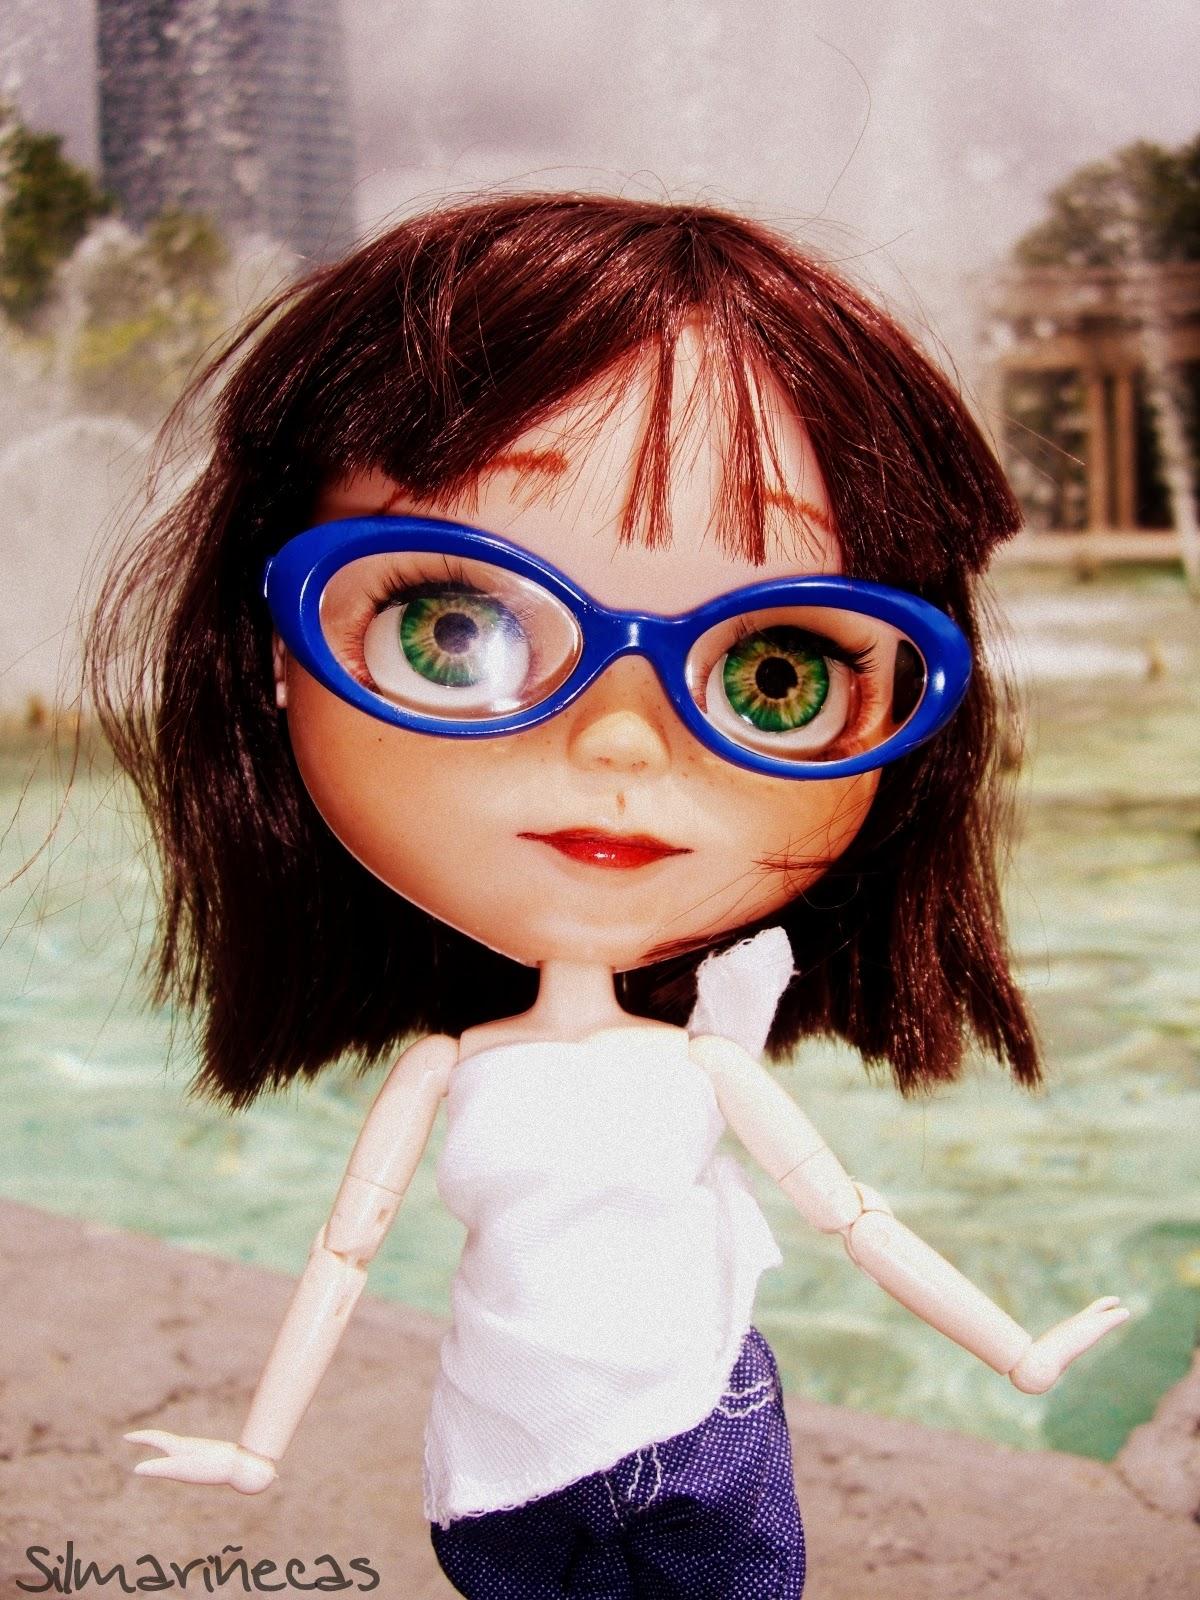 Basaak doll en la fuente del parque de Doña Casilda